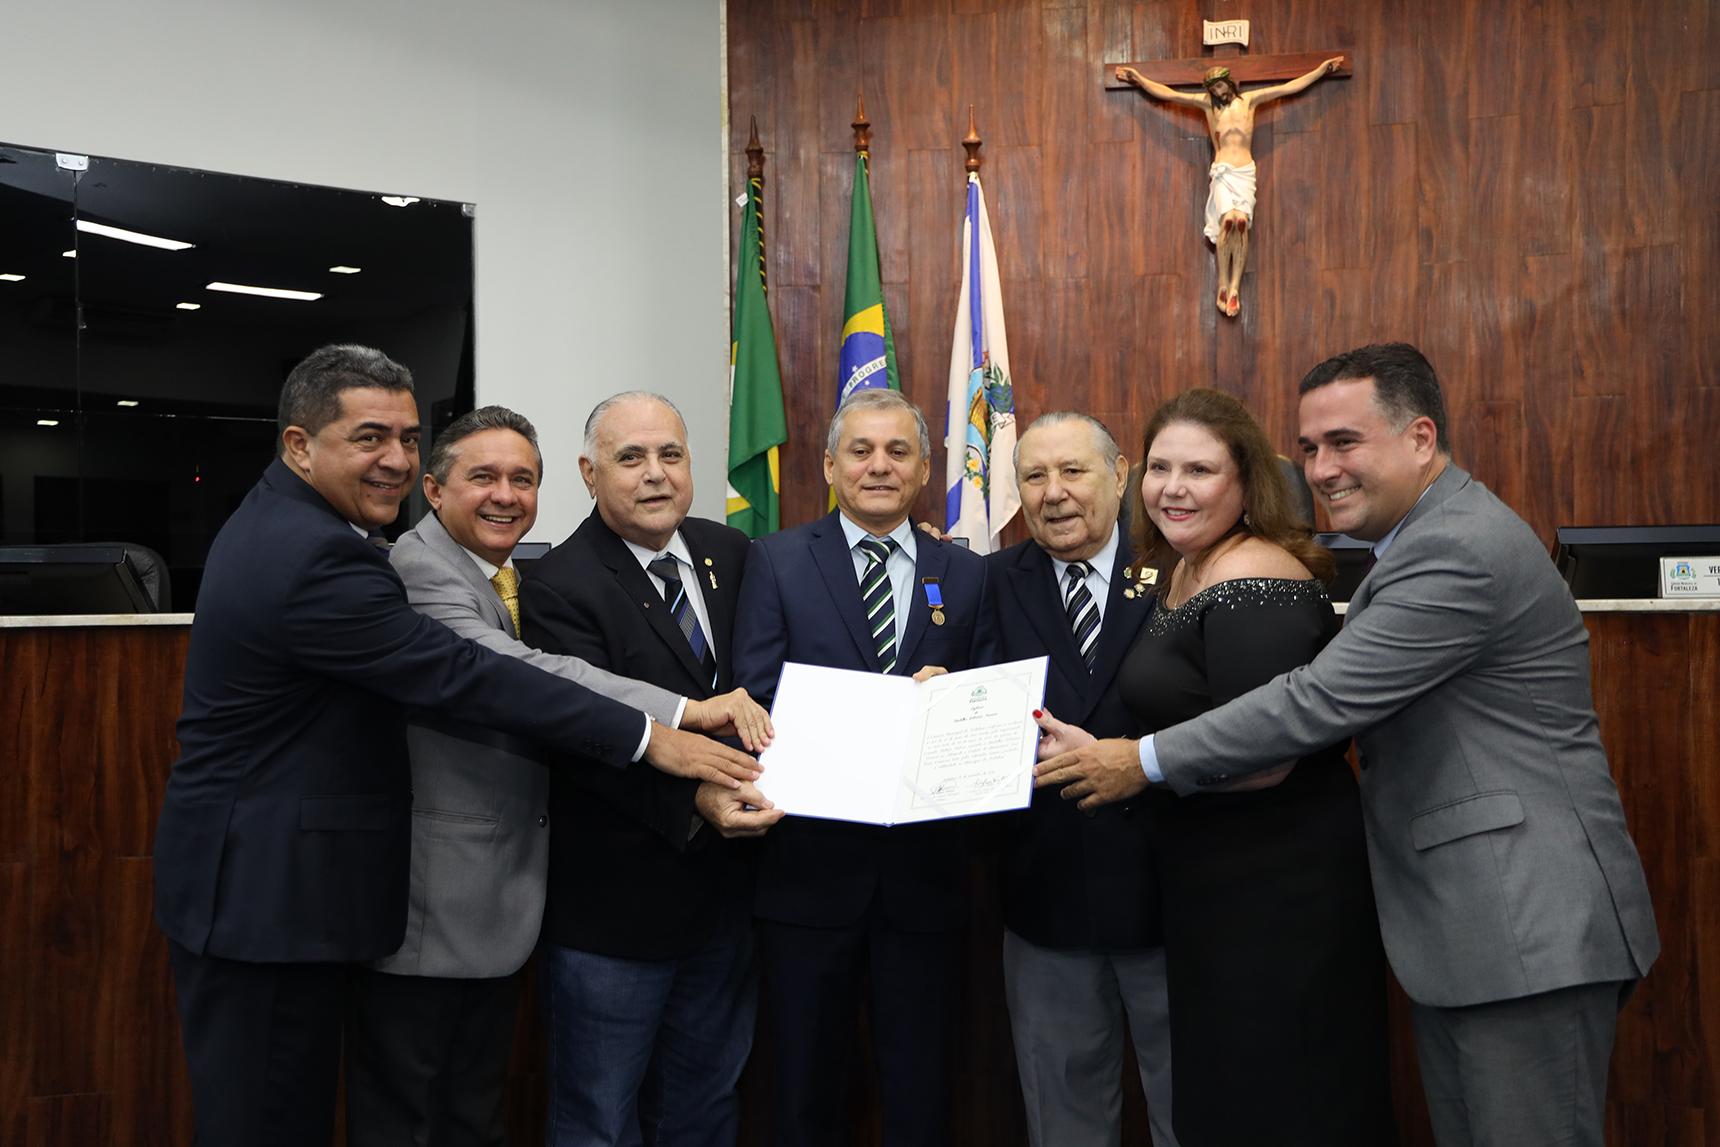 Prefeito Firmo Camurça recebe Medalha Boticário Ferreira